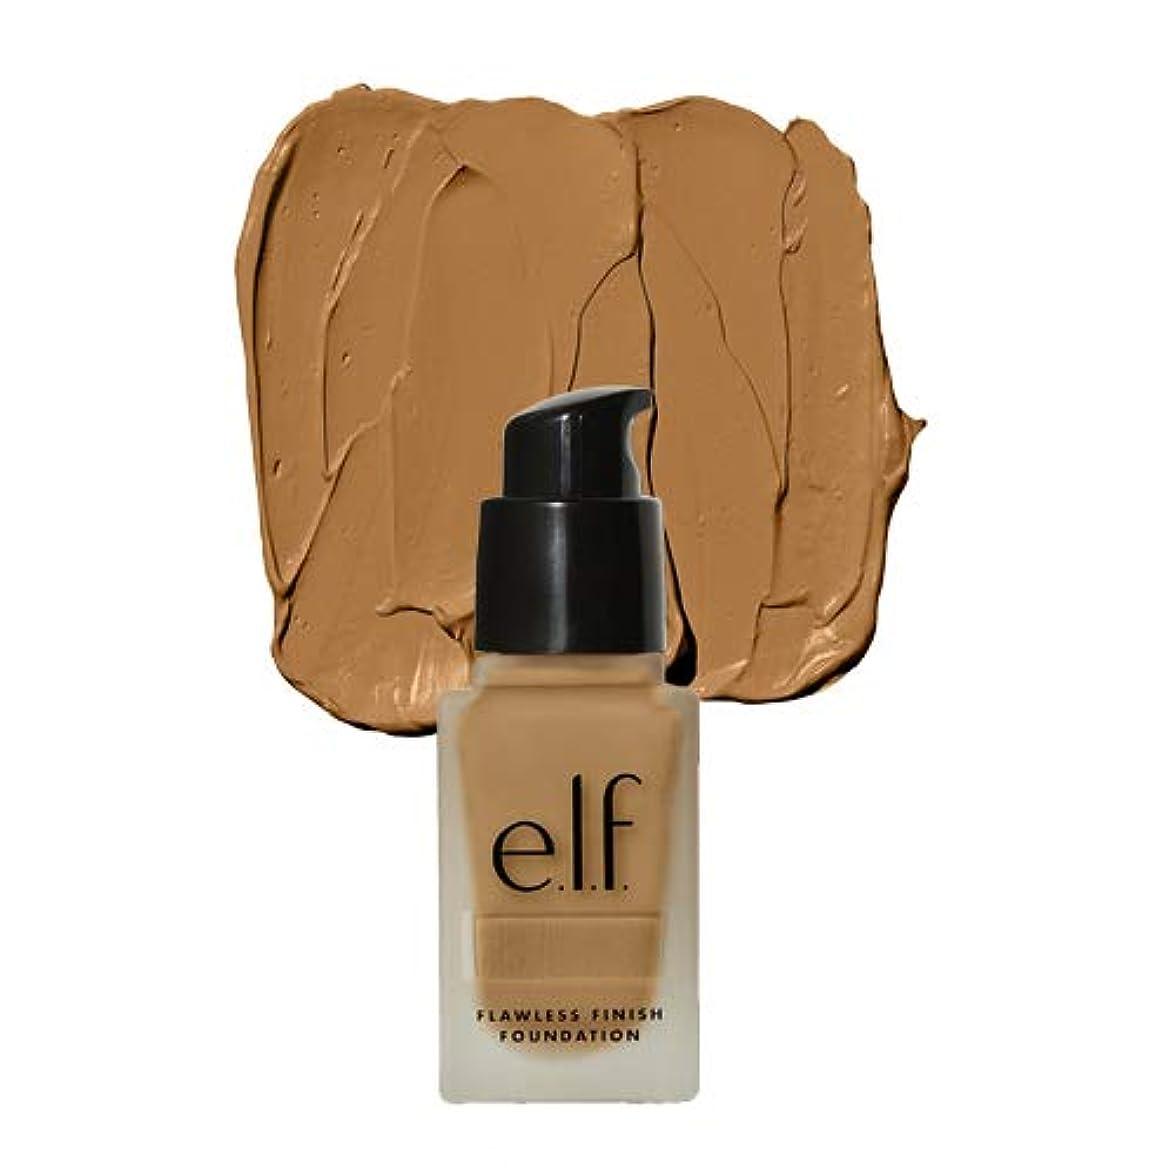 利益裂け目体操選手(3 Pack) e.l.f. Oil Free Flawless Finish Foundation - Linen (並行輸入品)